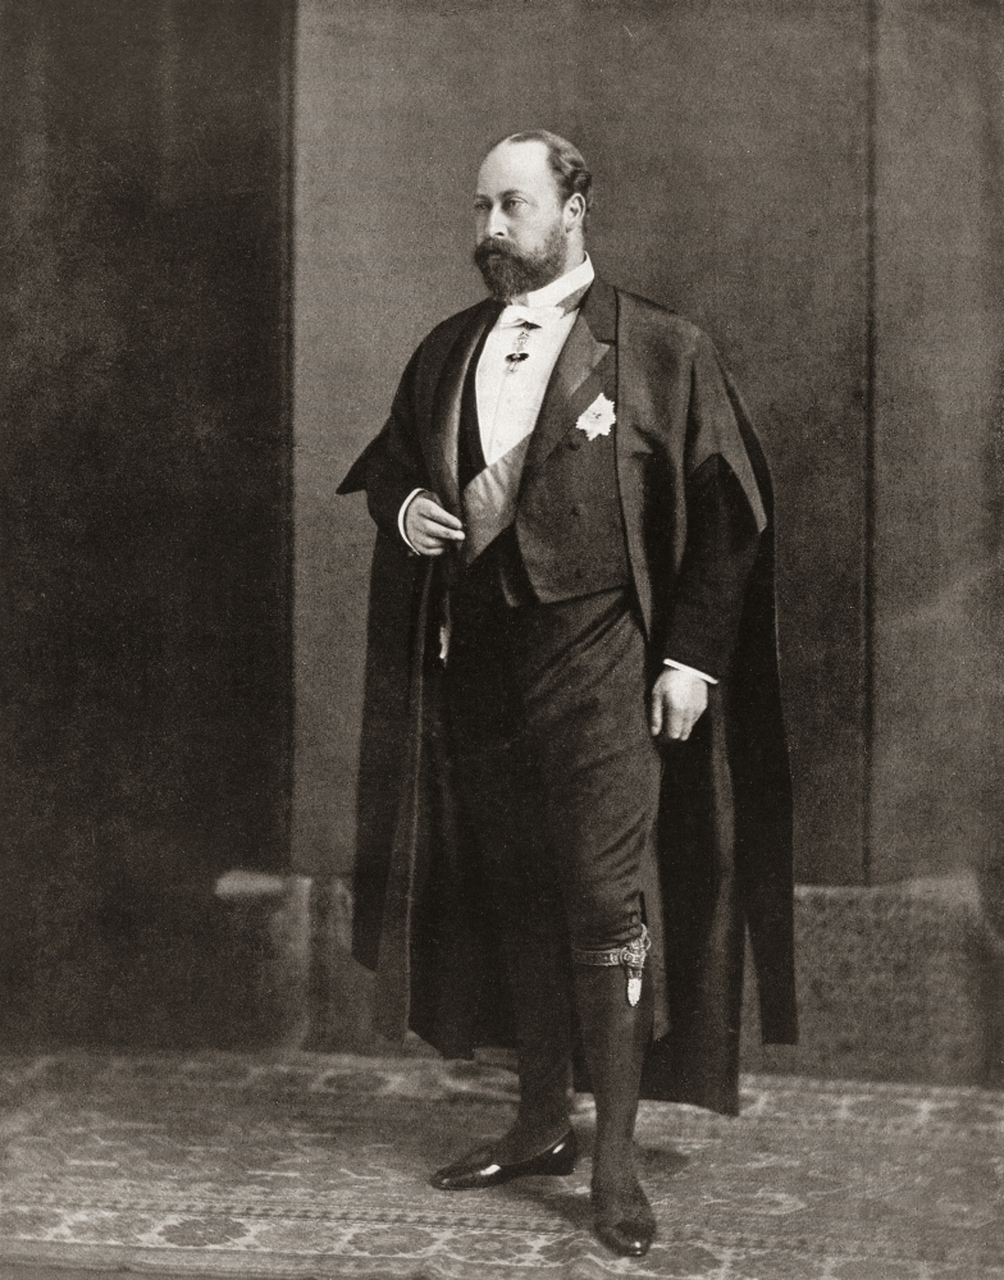 Edrawd VII wearing a tuxedo